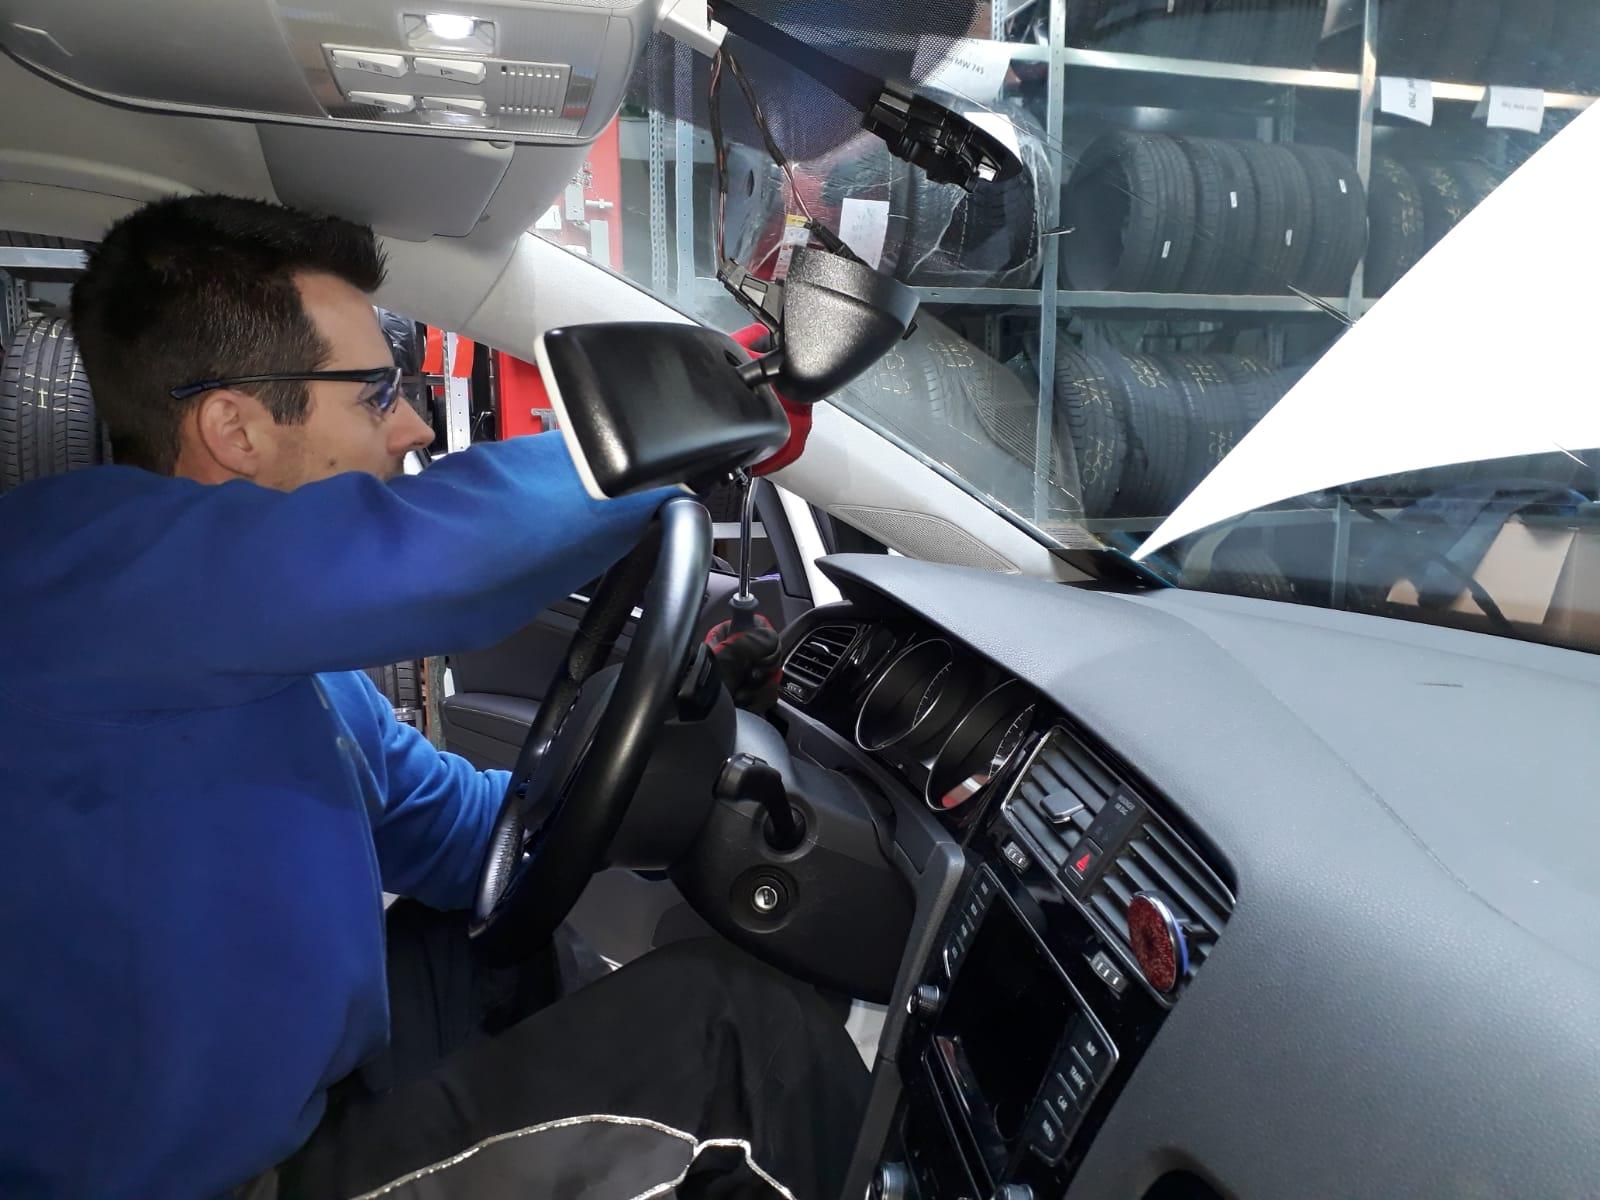 Montagearbeiten im Inneren des Fahrzeugs